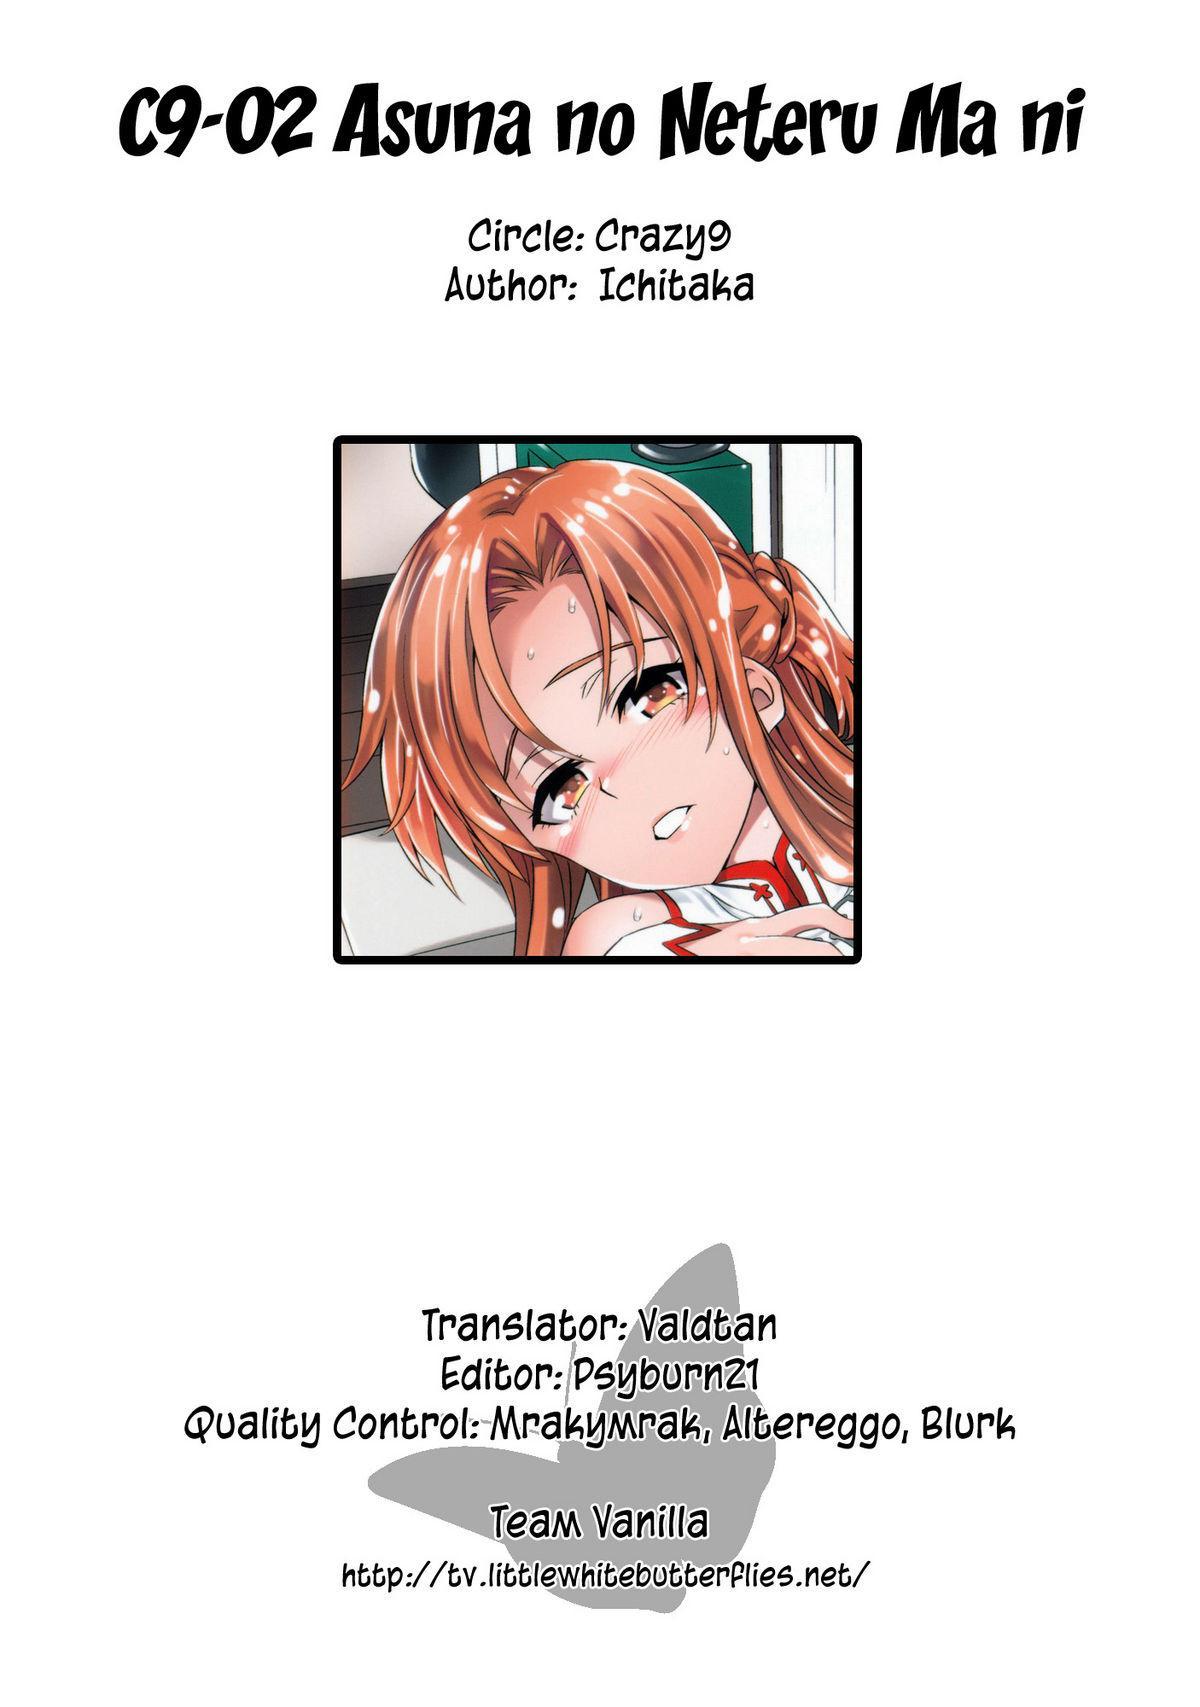 C9-02 Asuna no Neteru Ma ni 29